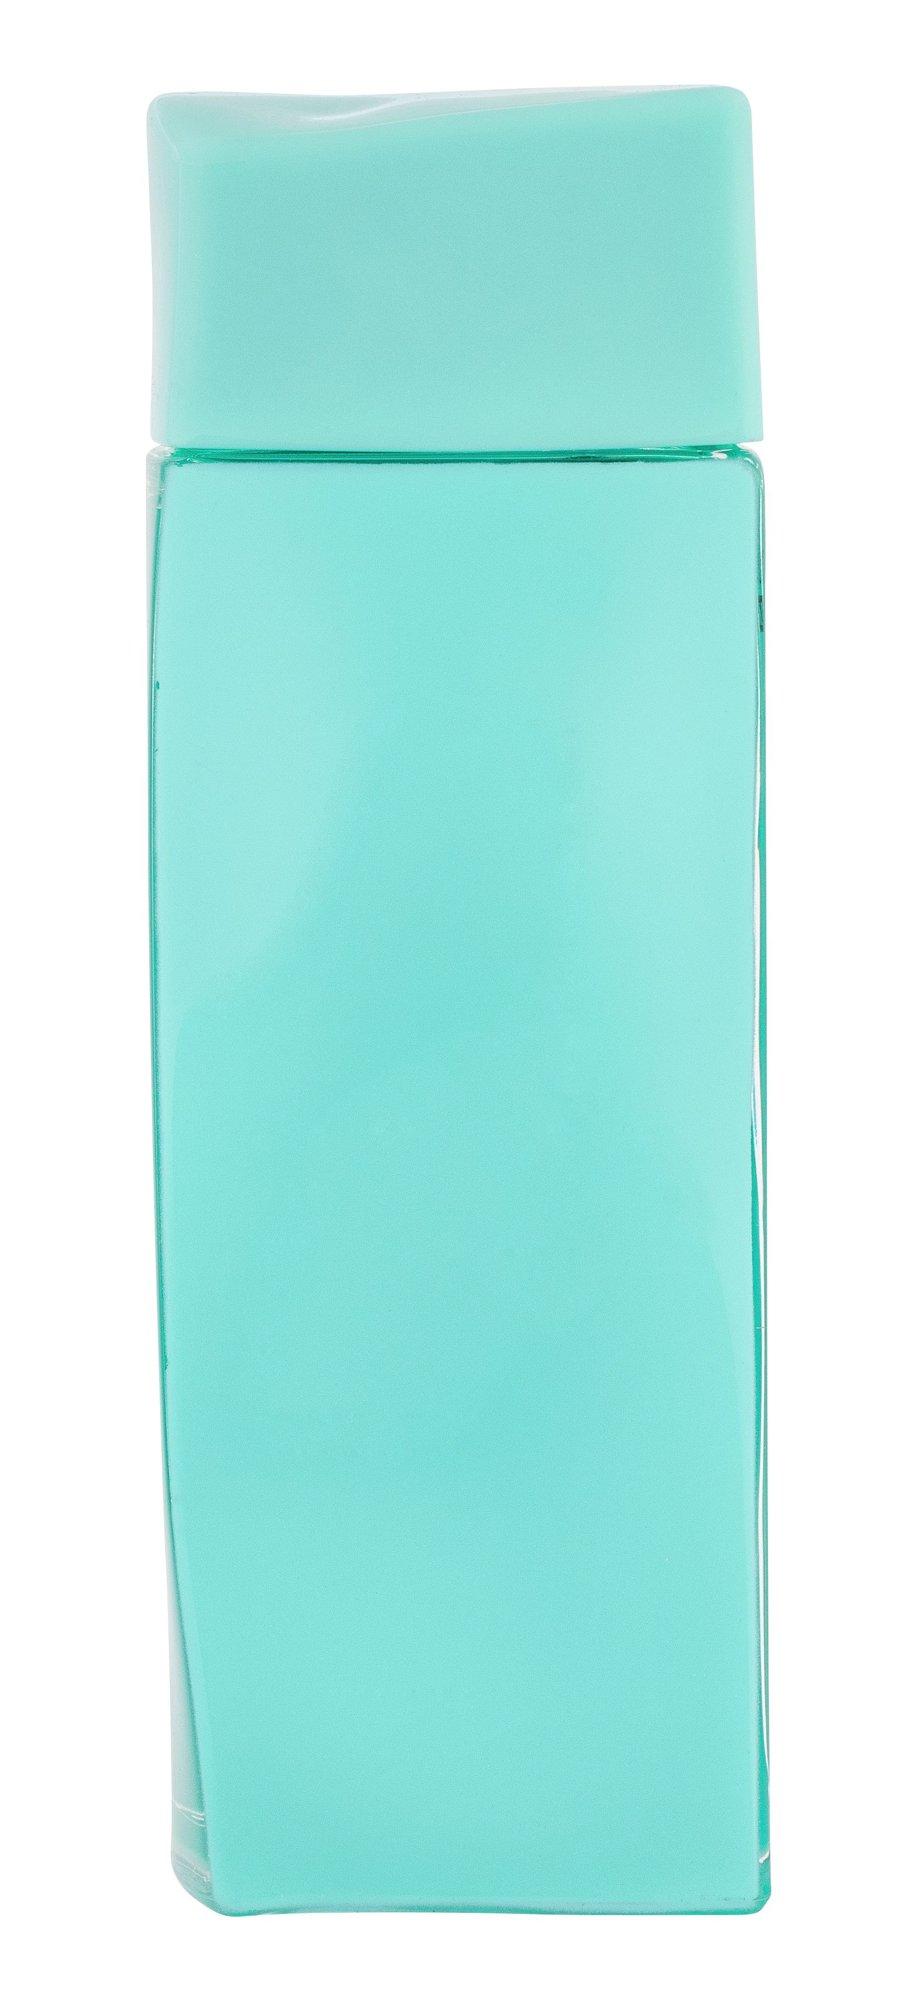 KENZO Aqua Kenzo pour Femme, Toaletná voda 100ml